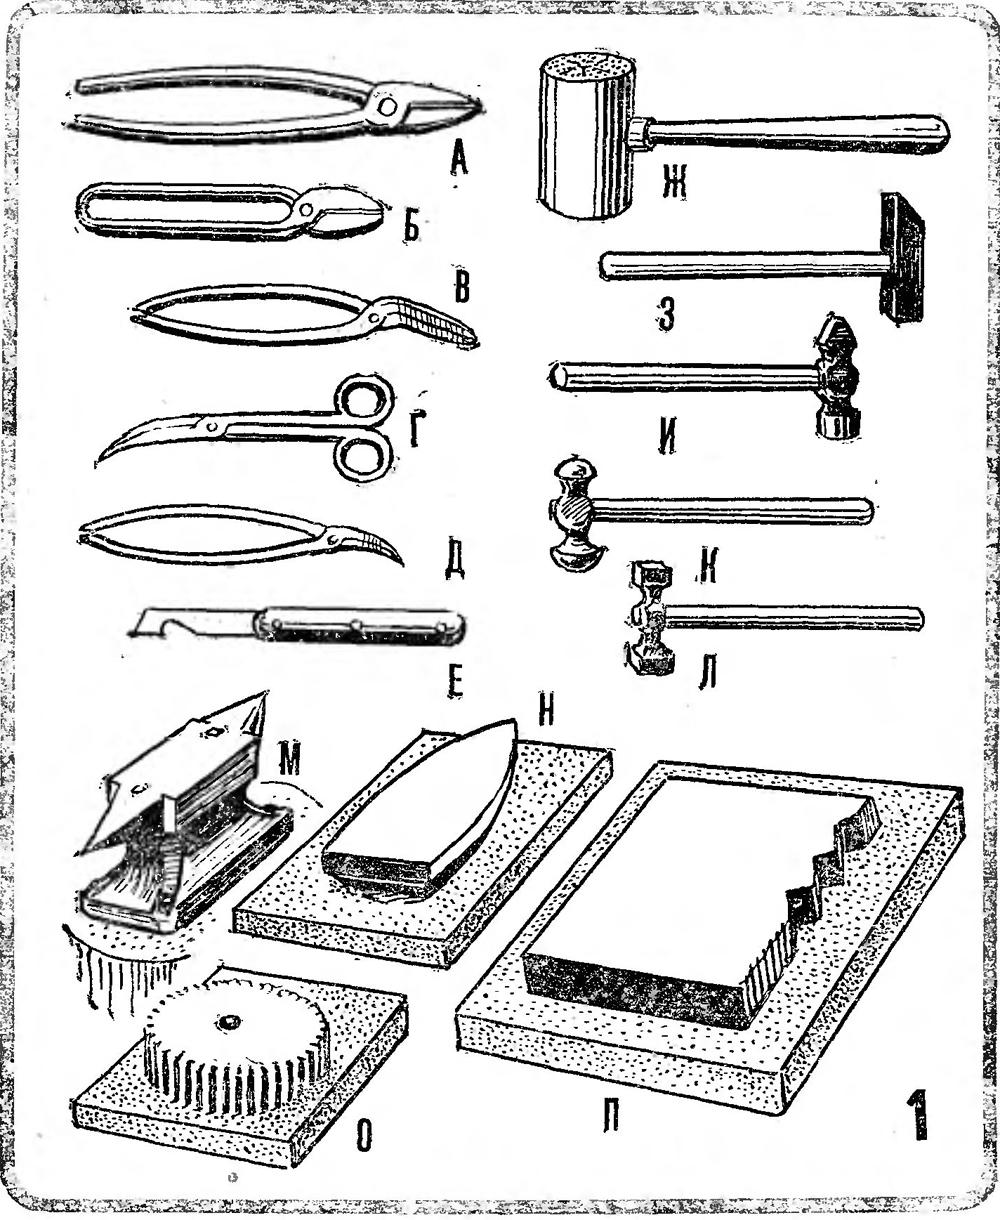 Инструменты жестянщика - Самоделки, поделки и полезные 122